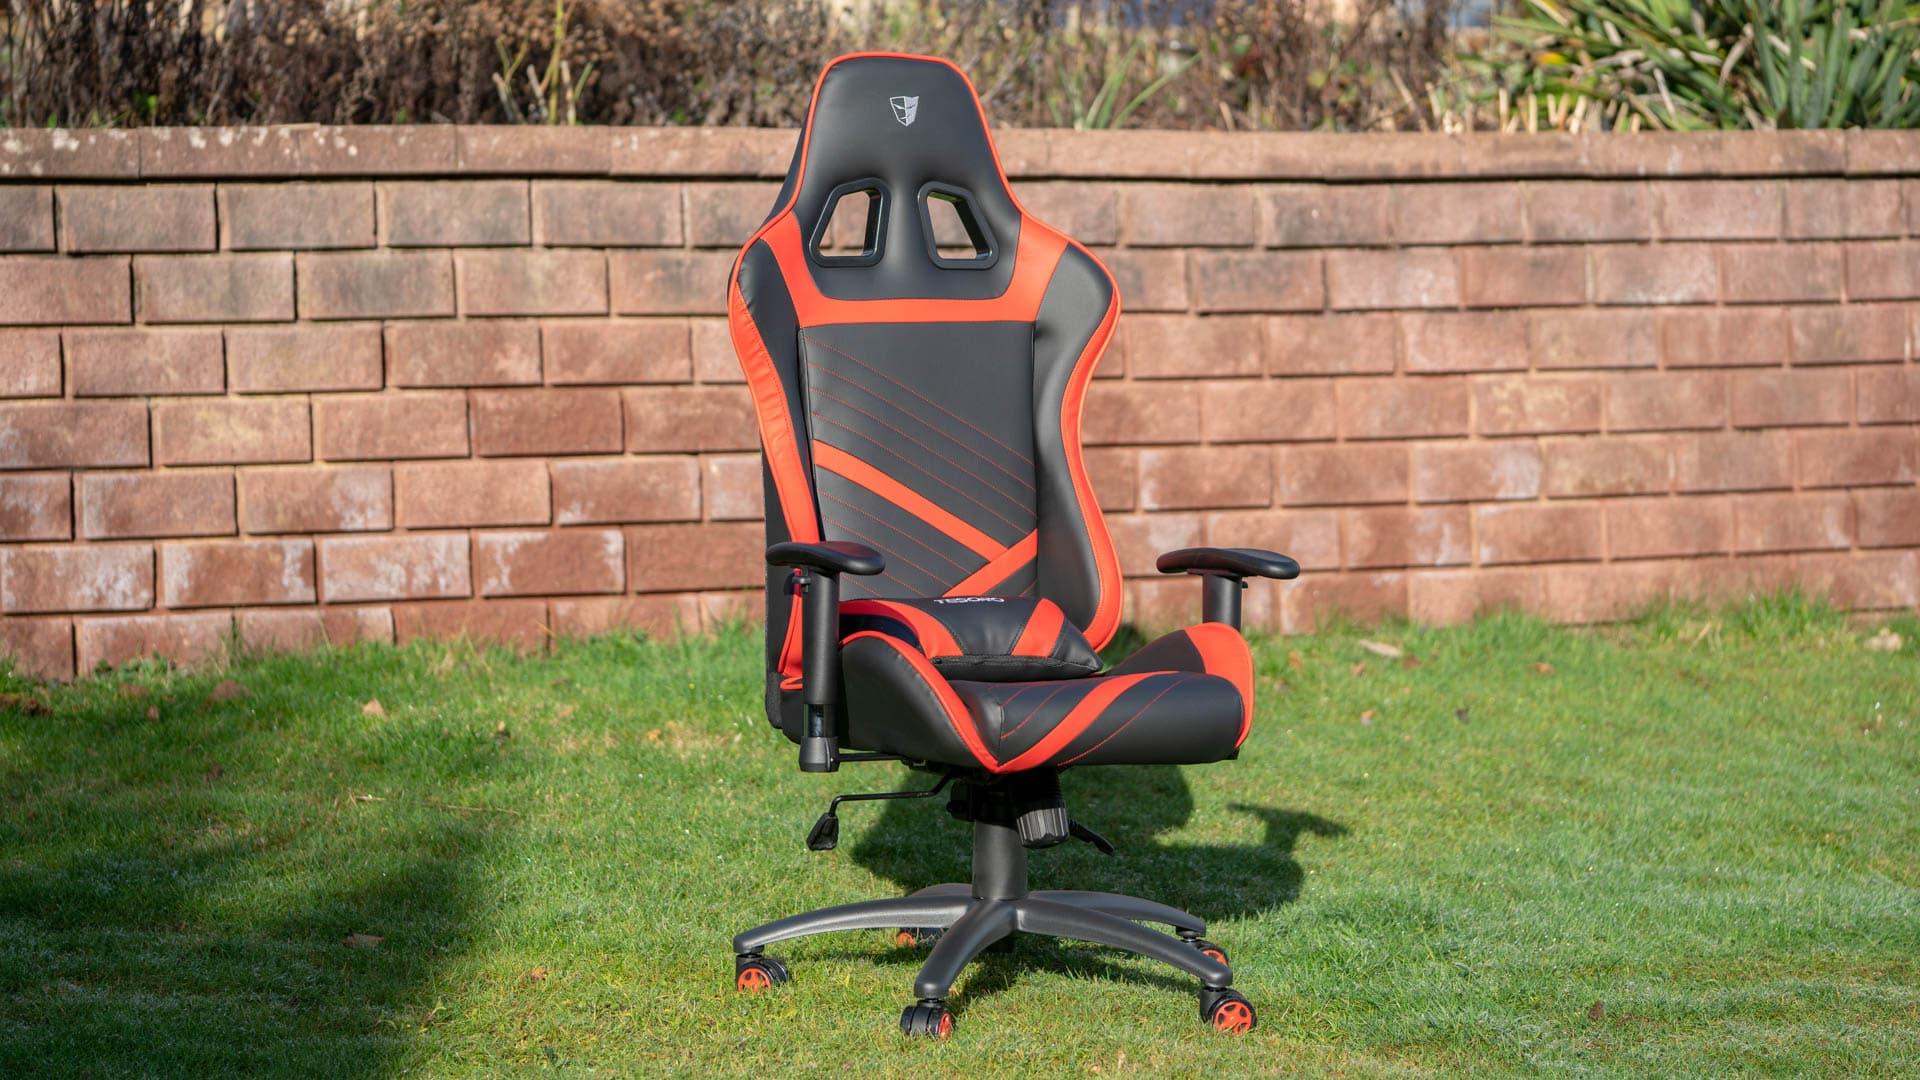 Der Tesoro Zone Speed F700 Im Test Ein Guter Gaming Chair Für Unter